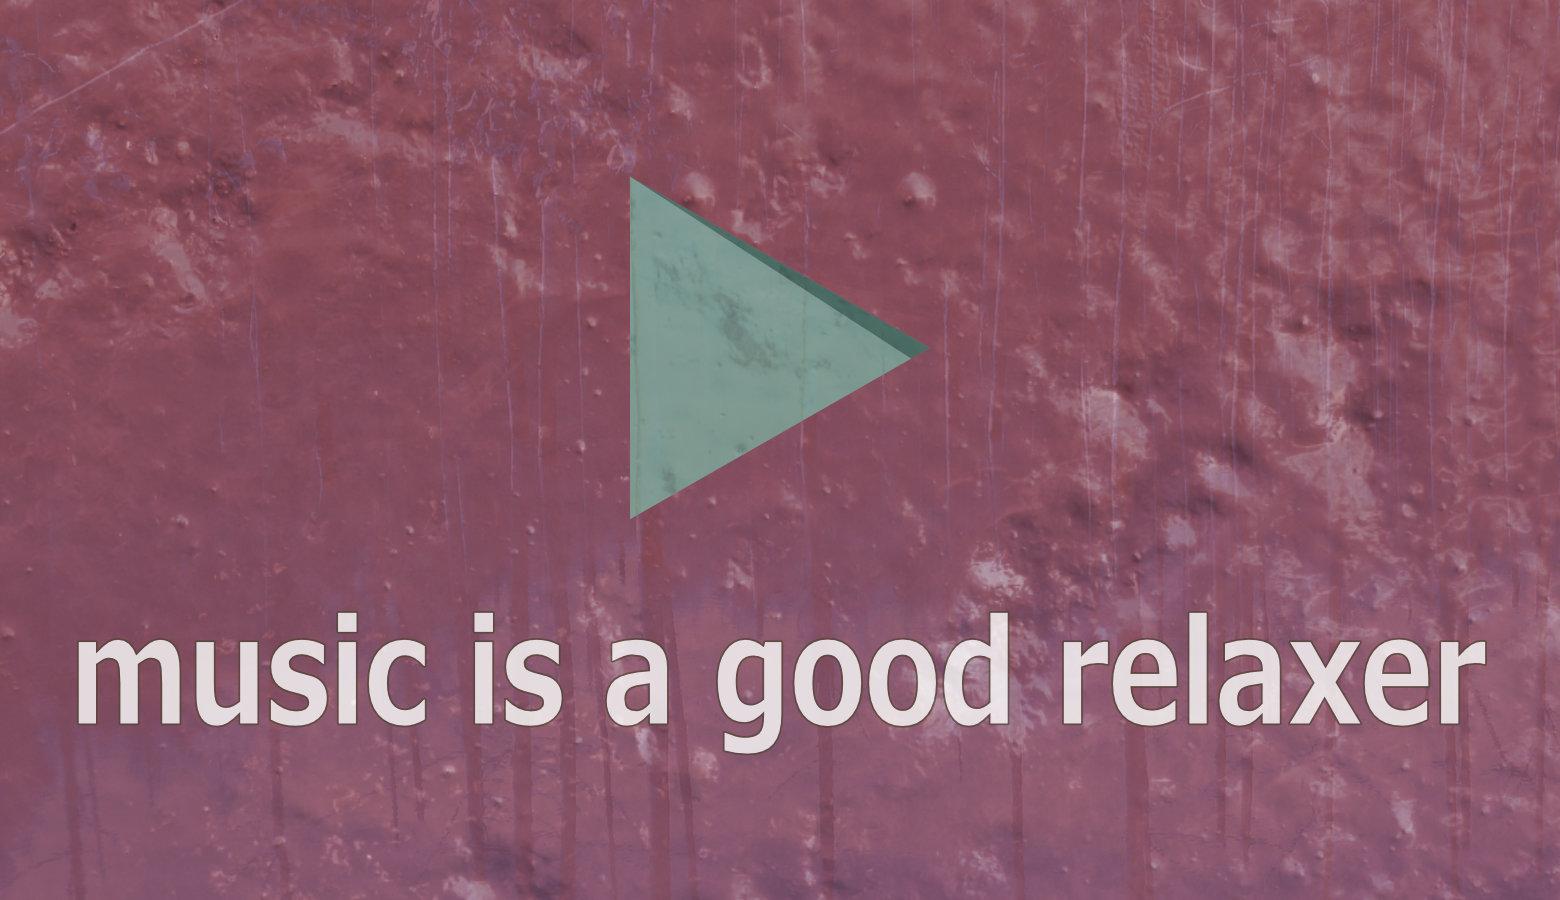 リラックスしながら勉強や仕事の効率を上げる音楽を聴く【YouTube】